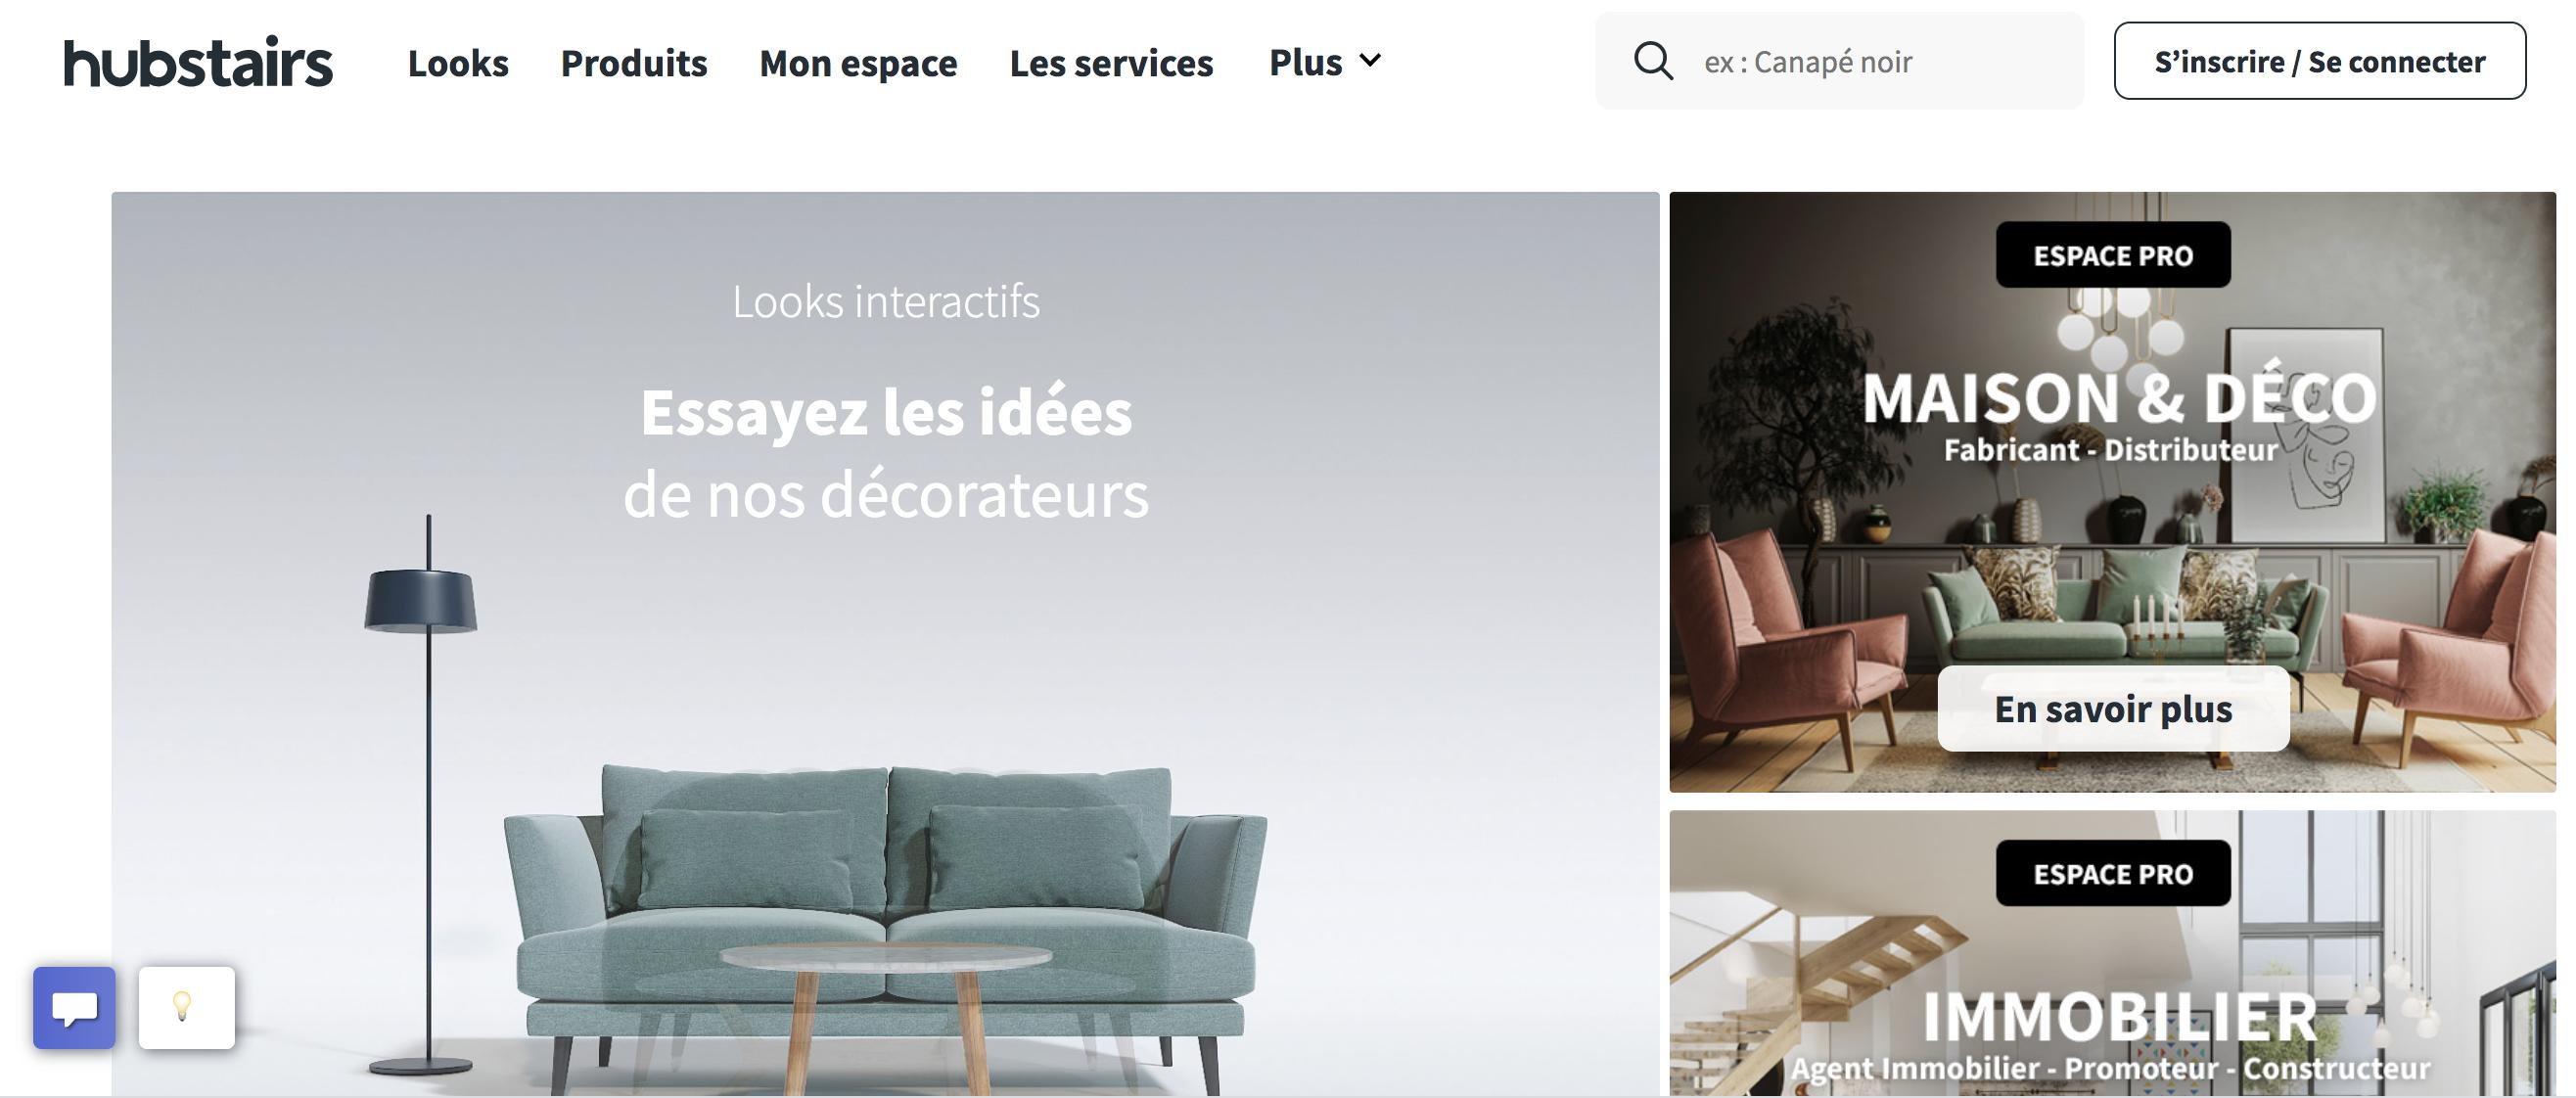 Le Cedre Rouge Paris 16 nrf 2020 : 6 startups qui renouvellent l'utilisation de l